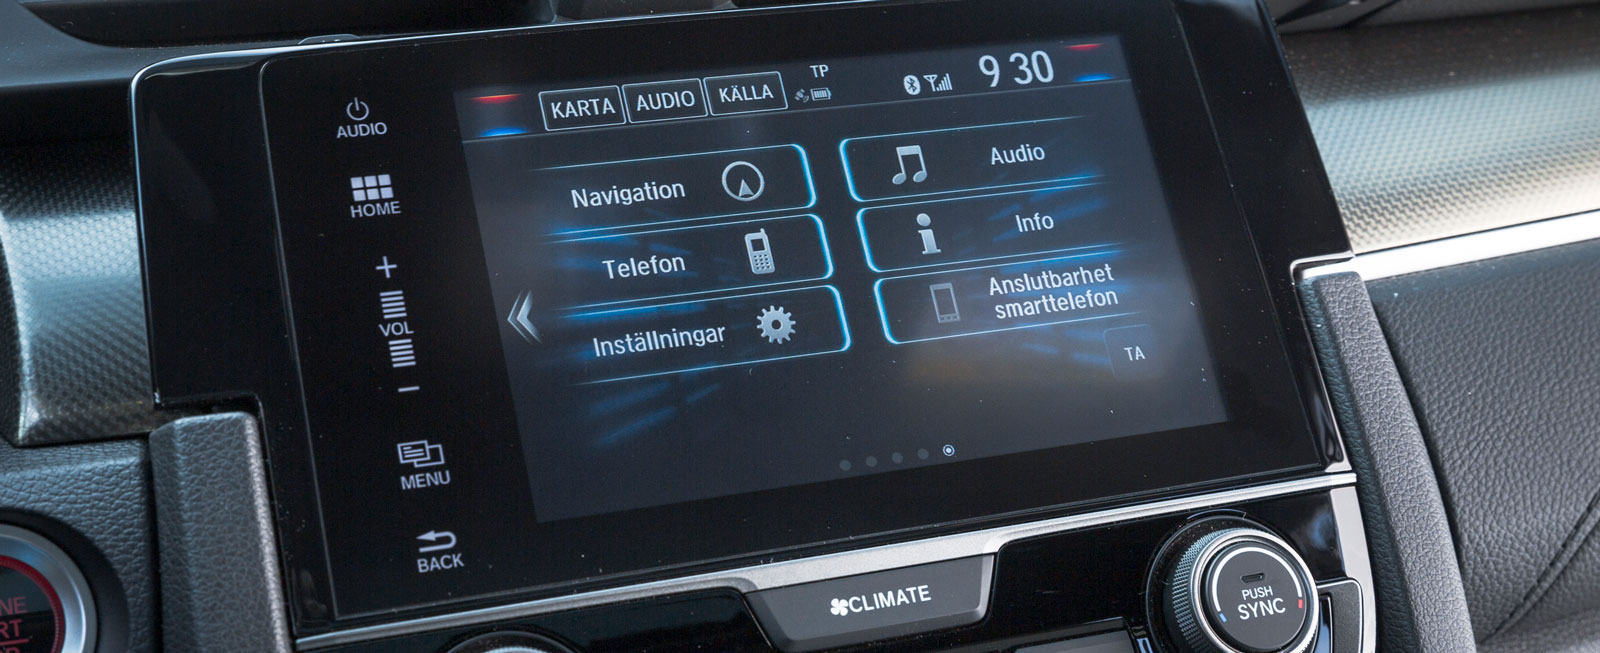 Hondas egenutvecklade system är ganska knepigt att förstå sig på och grafiken känns allt annat än modern. Reaktionstiden på de olika valen är dessutom lång.